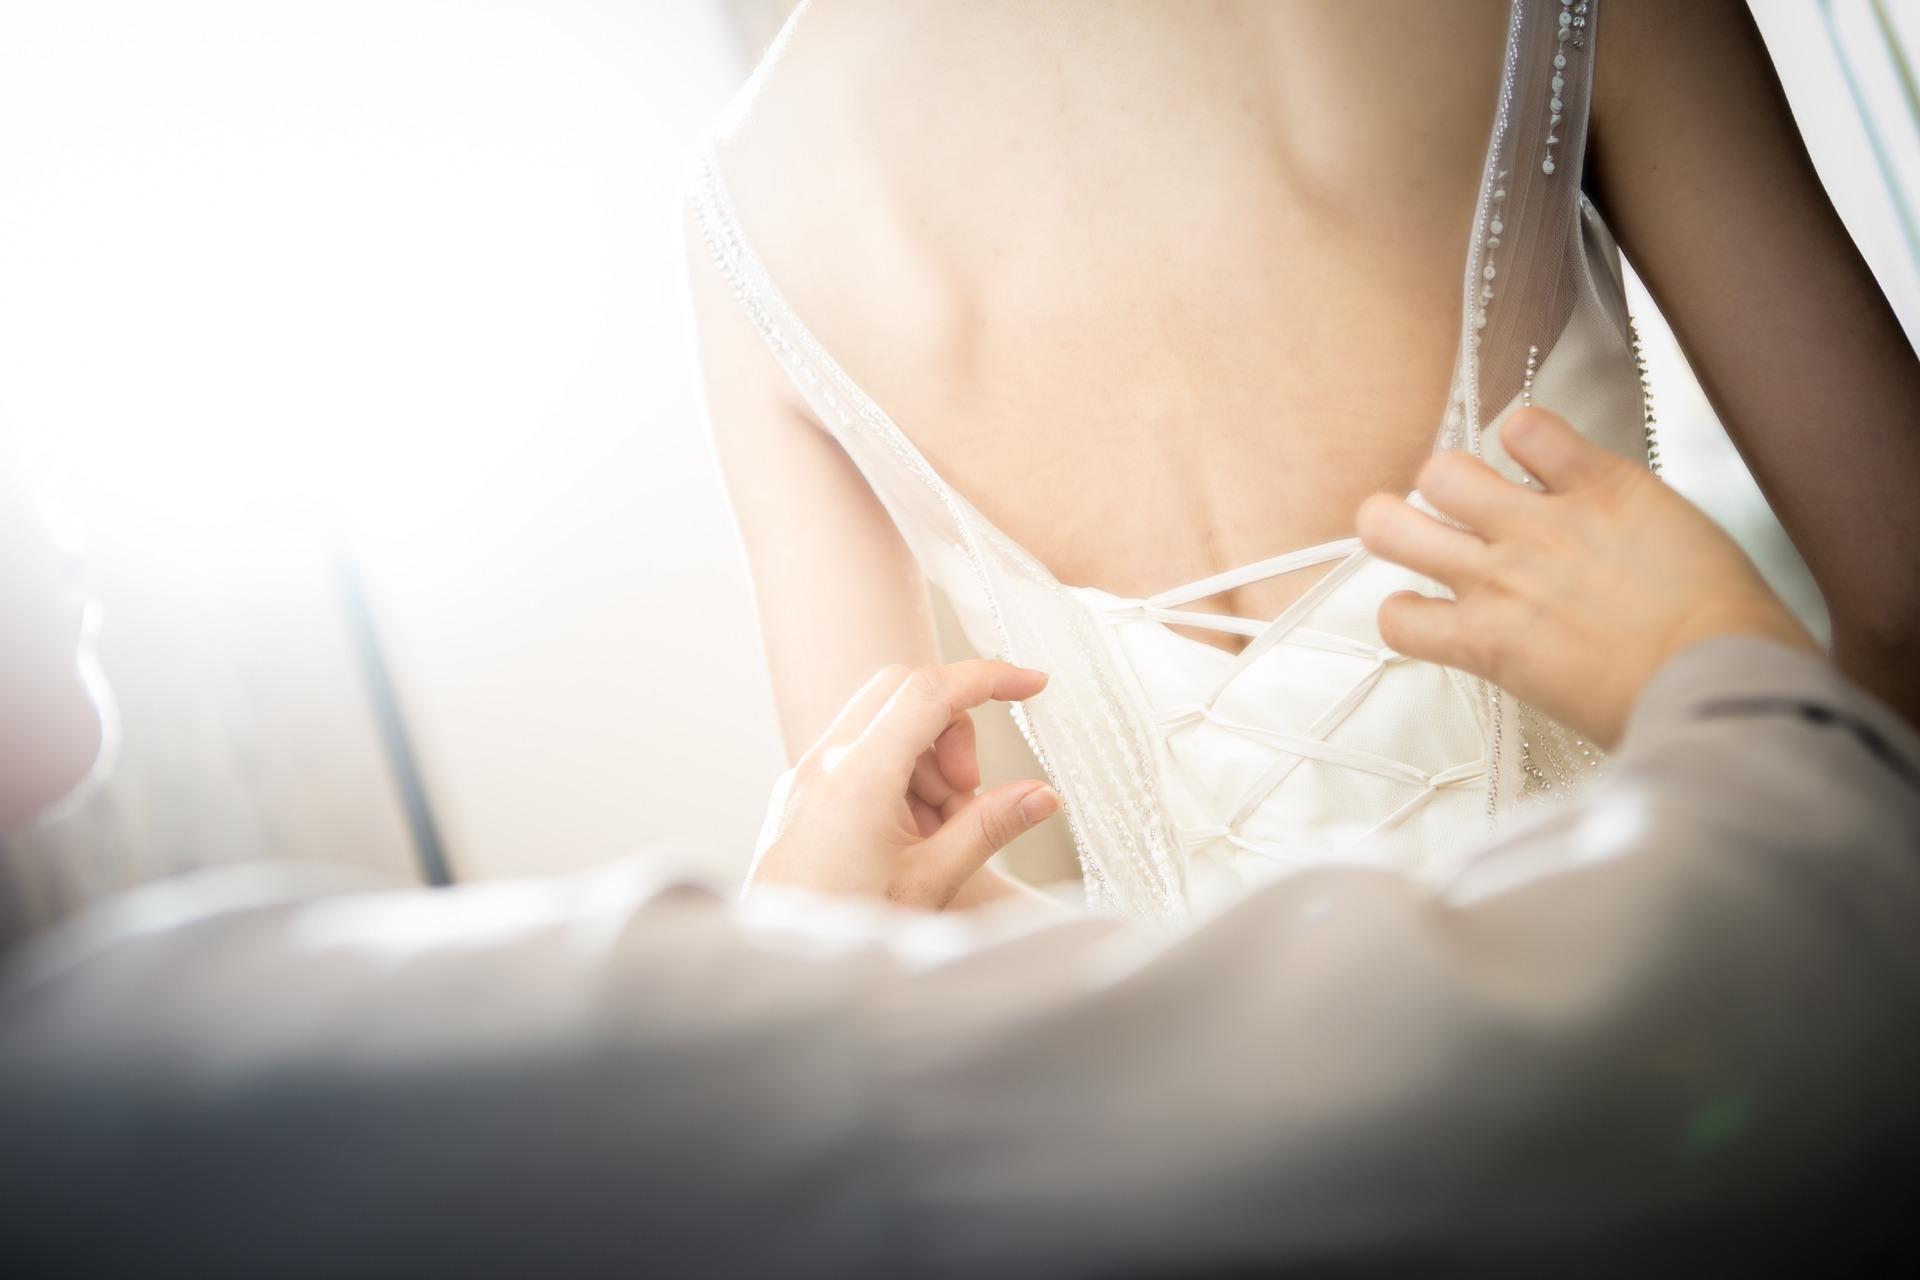 Svatební šaty – nenechte výběr na poslední chvíli. Víte, jak si je správně vybrat?